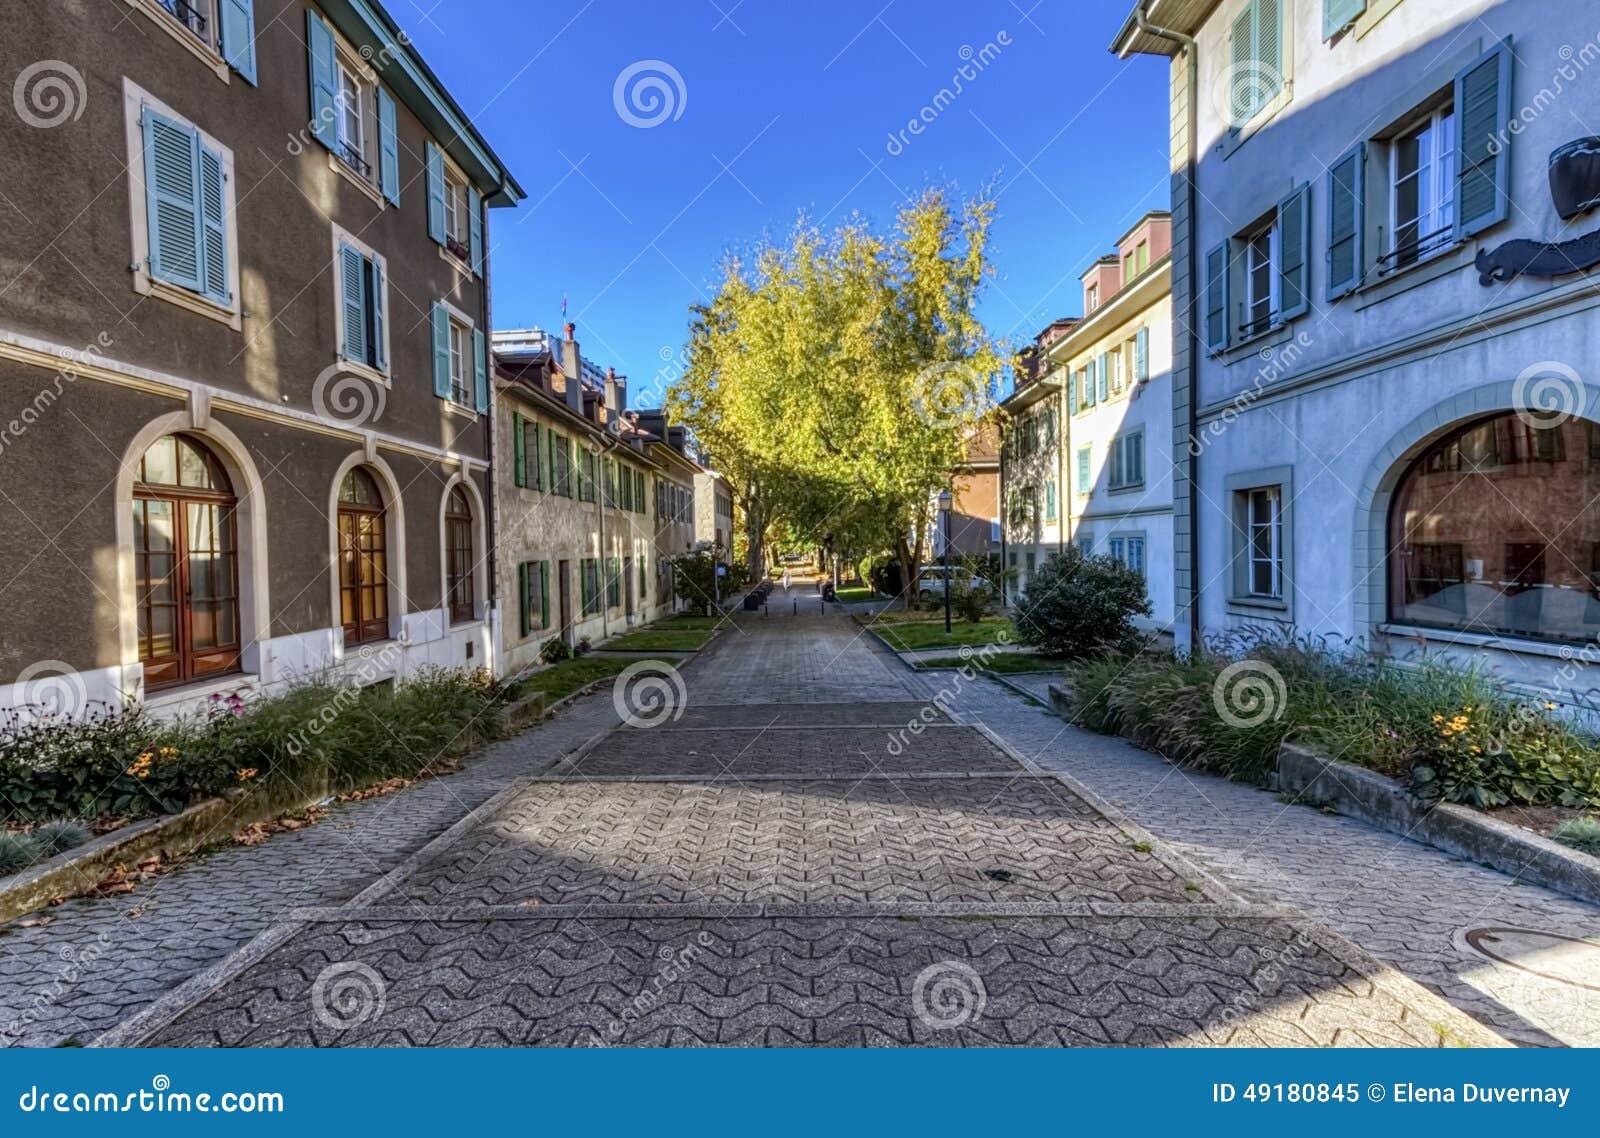 Rue dans la vieille ville de carouge gen ve suisse photo stock image 49180845 for Construction piscine geneve